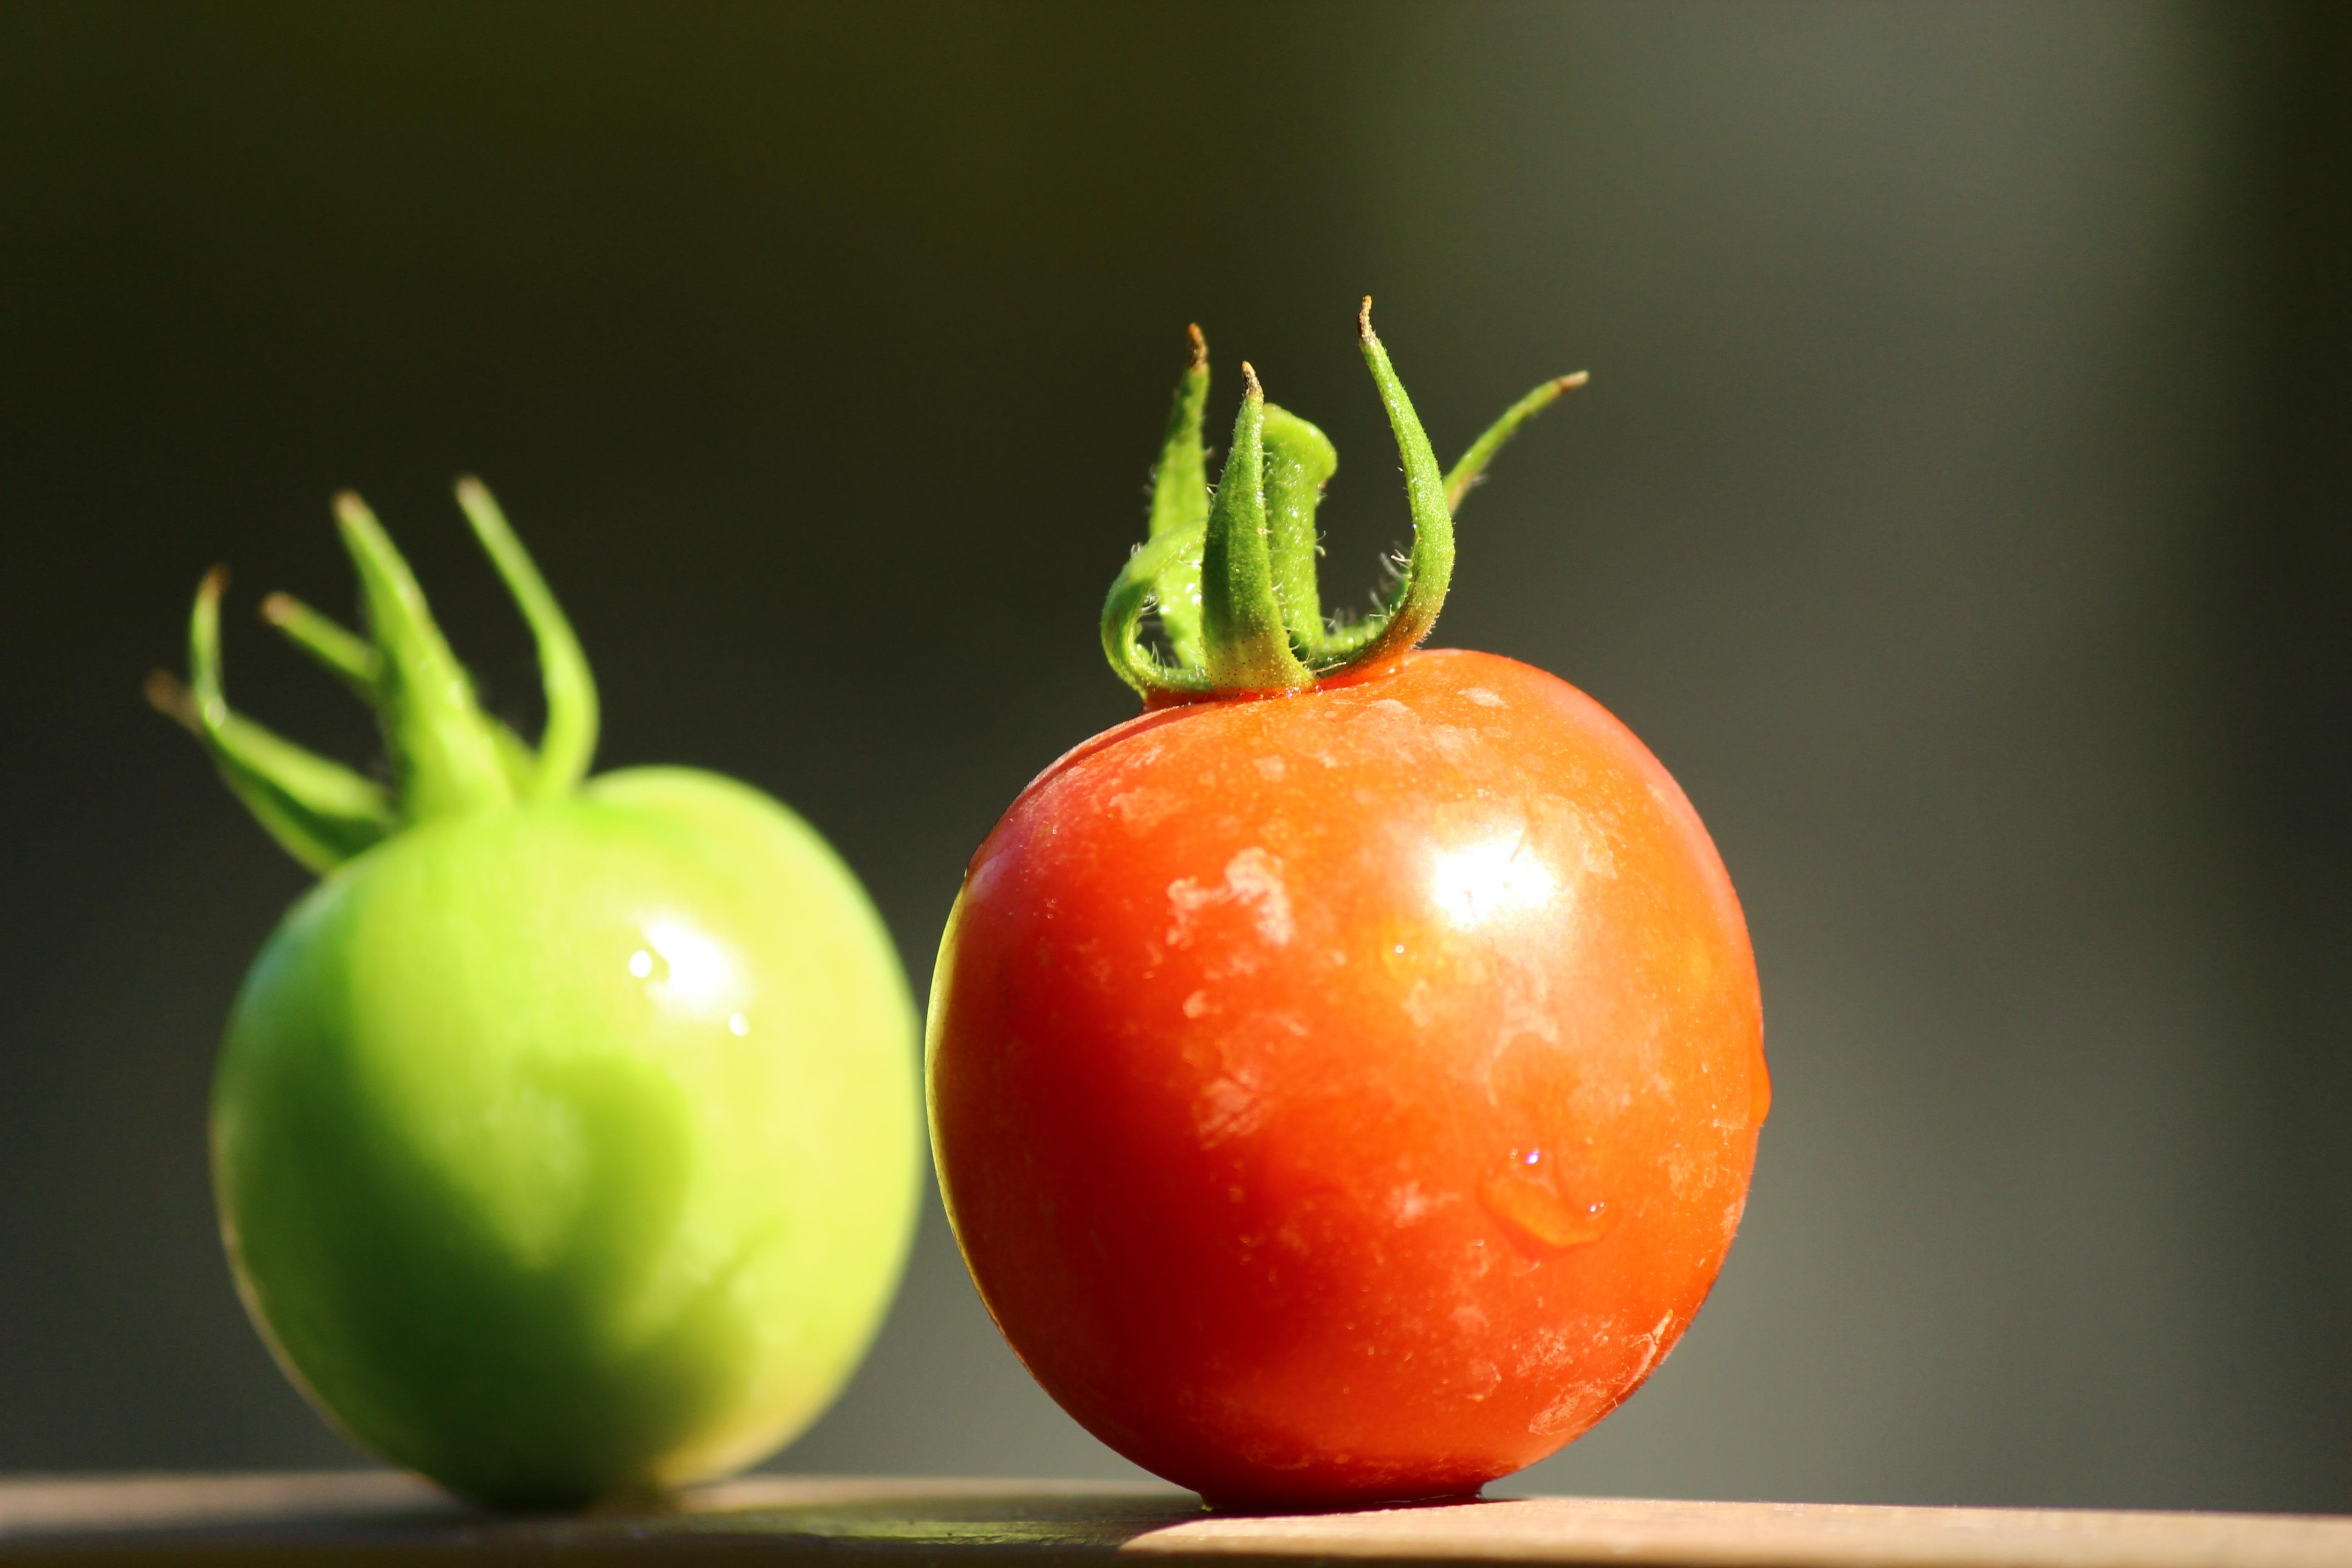 Kartoffel Bilder Kostenlos kostenlose foto frucht blume lebensmittel produzieren gemüse